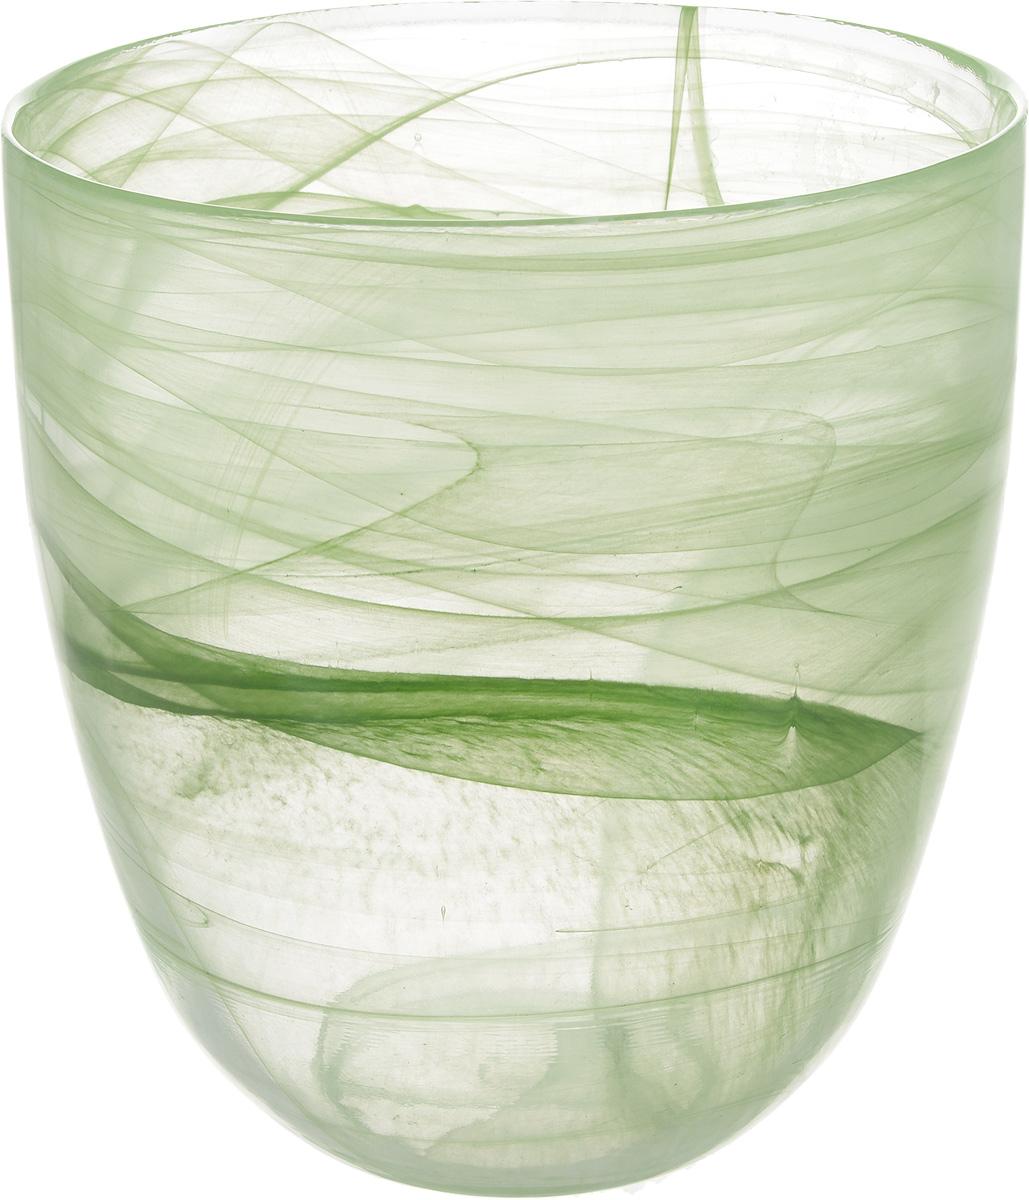 Кашпо NiNaGlass, цвет: прозрачный, зеленый, высота 18 см93-027 ЗЕЛКашпо NiNaGlass имеет уникальную форму, сочетающуюся как с классическим, так и с современным дизайном интерьера. Оно изготовлено из высококачественного стекла и предназначено для выращивания растений, цветов и трав в домашних условиях. Кашпо NiNaGlass порадует вас функциональностью, а благодаря лаконичному дизайну впишется в любой интерьер помещения. Диаметр кашпо (по верхнему краю): 16 см.Высота кашпо: 18 см.